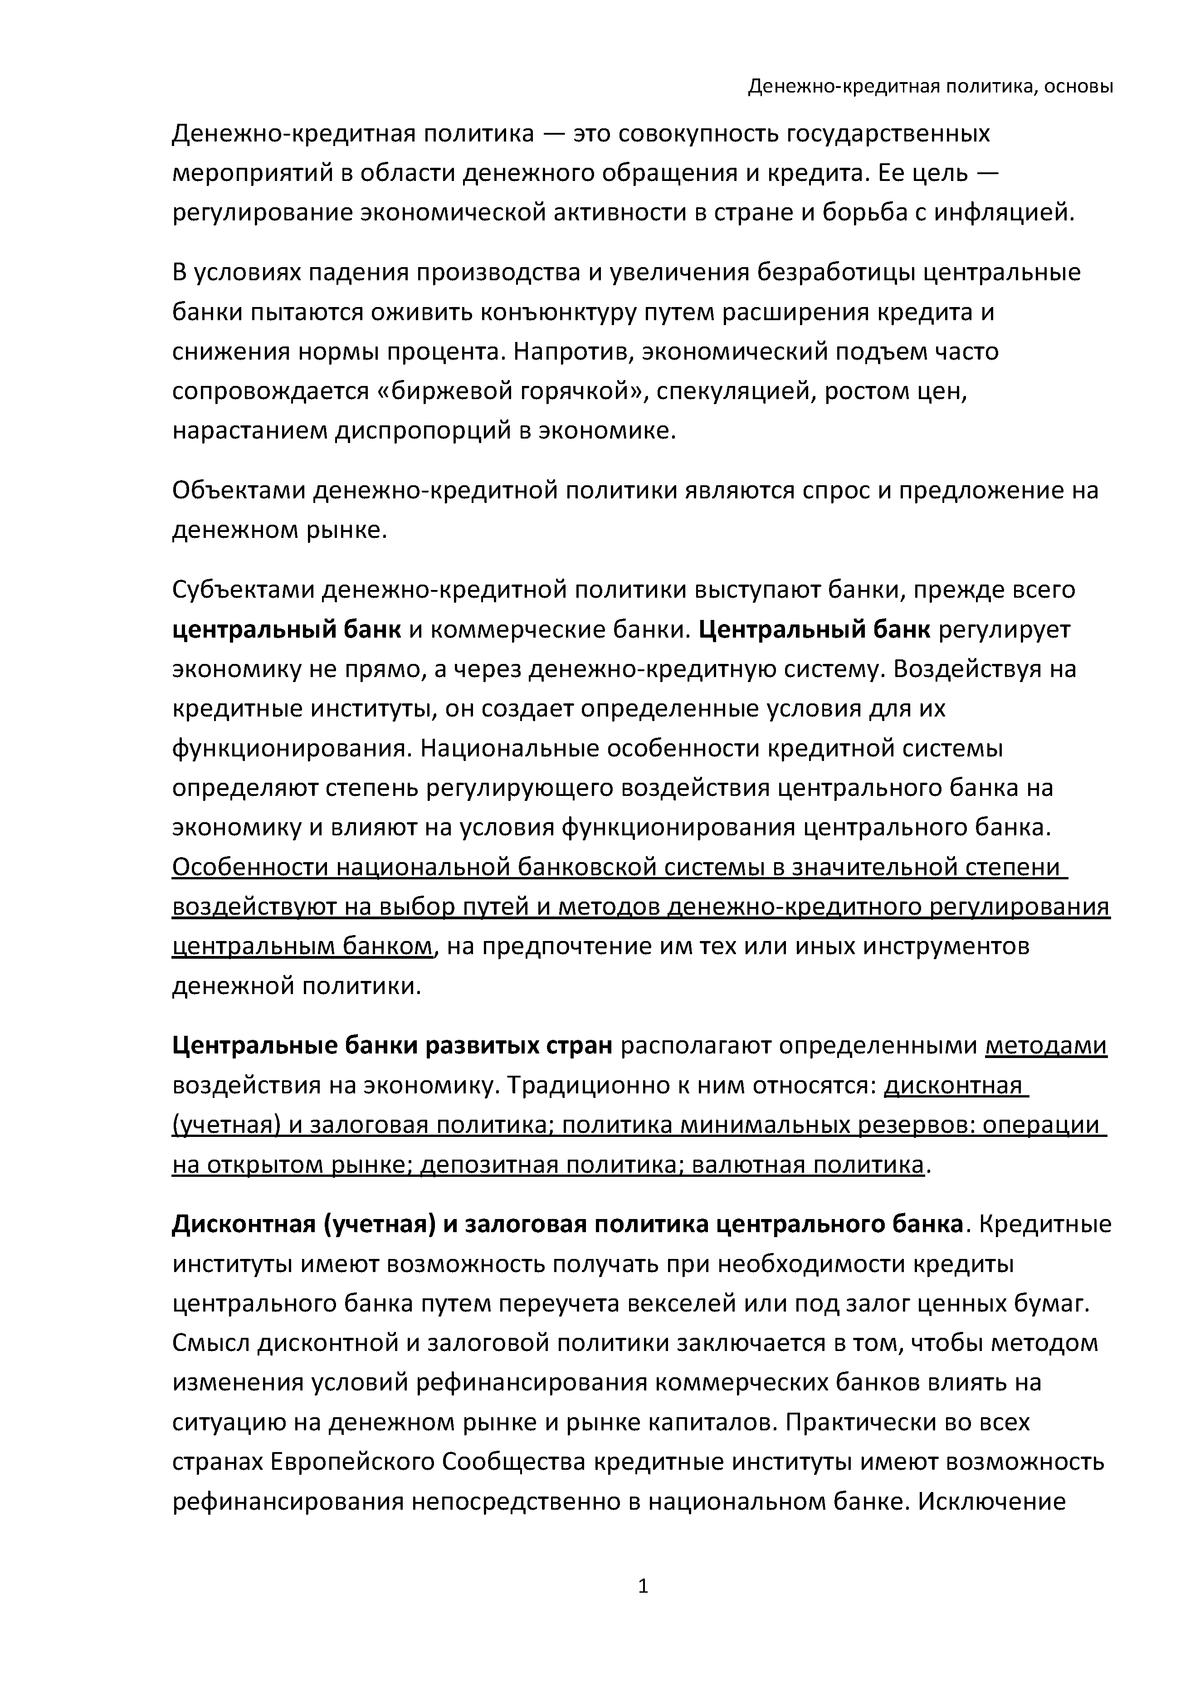 оператор банка хоум кредит номер телефона бесплатно